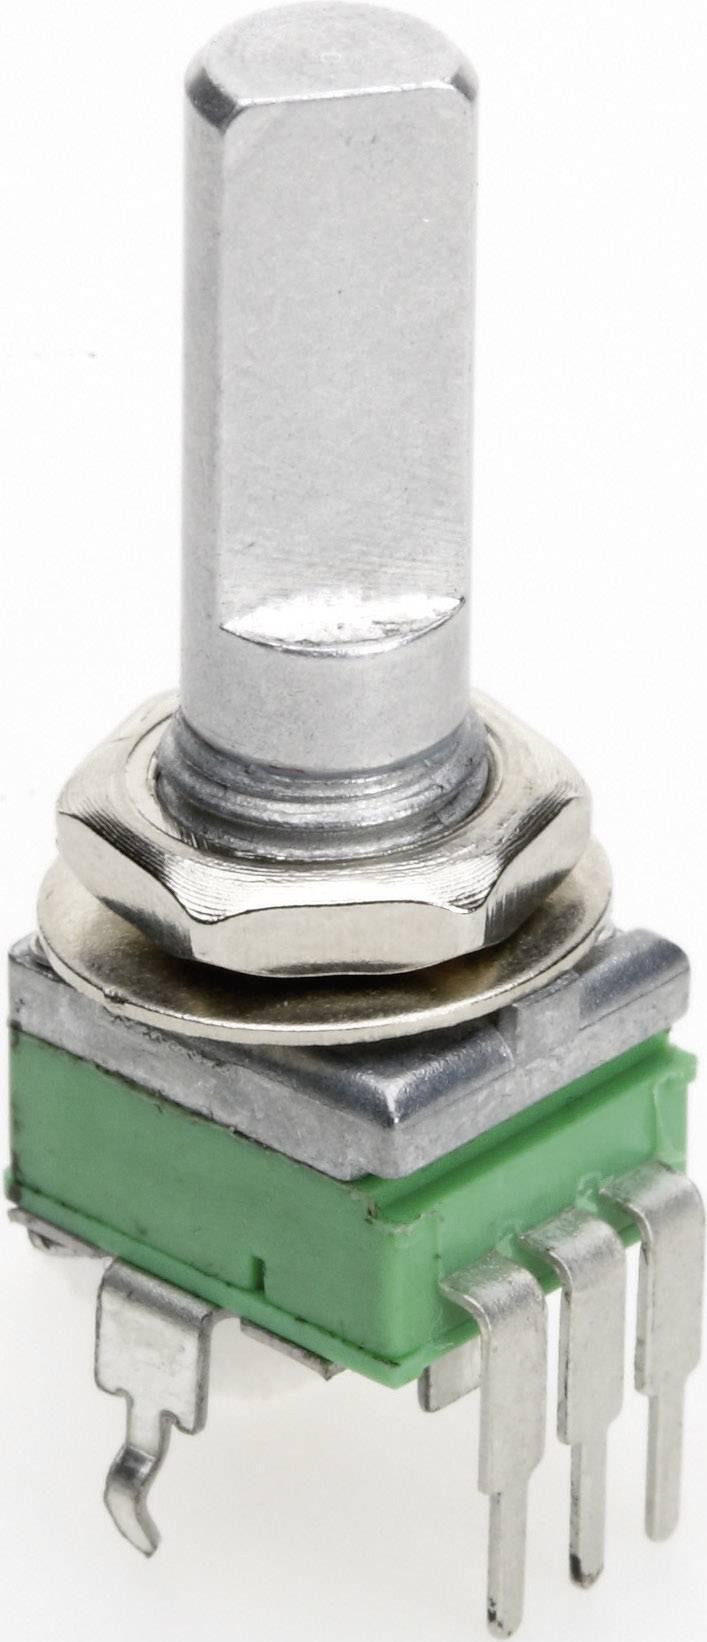 Cermetový potenciometer TT Electro, 4113105315, 100 kΩ, ± 20%